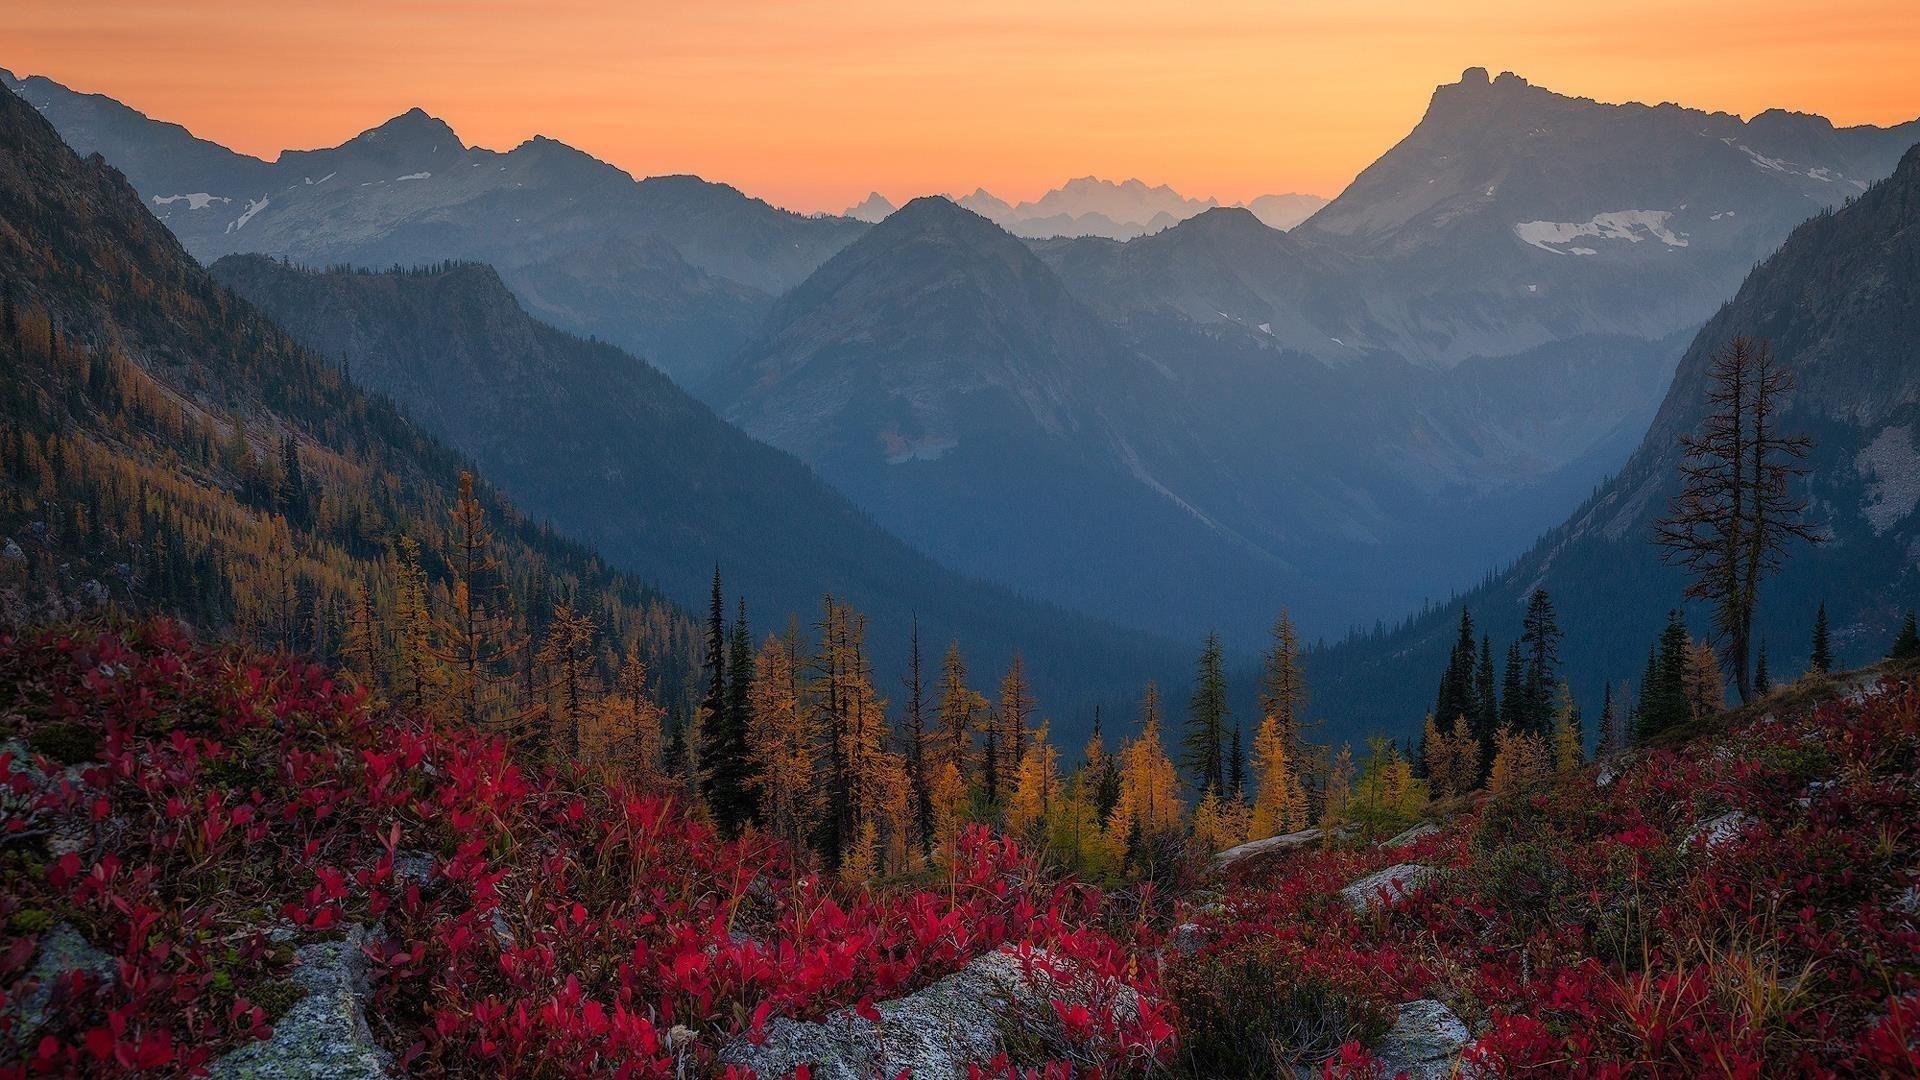 Альпы падают лесные горы во время заката природа обои скачать